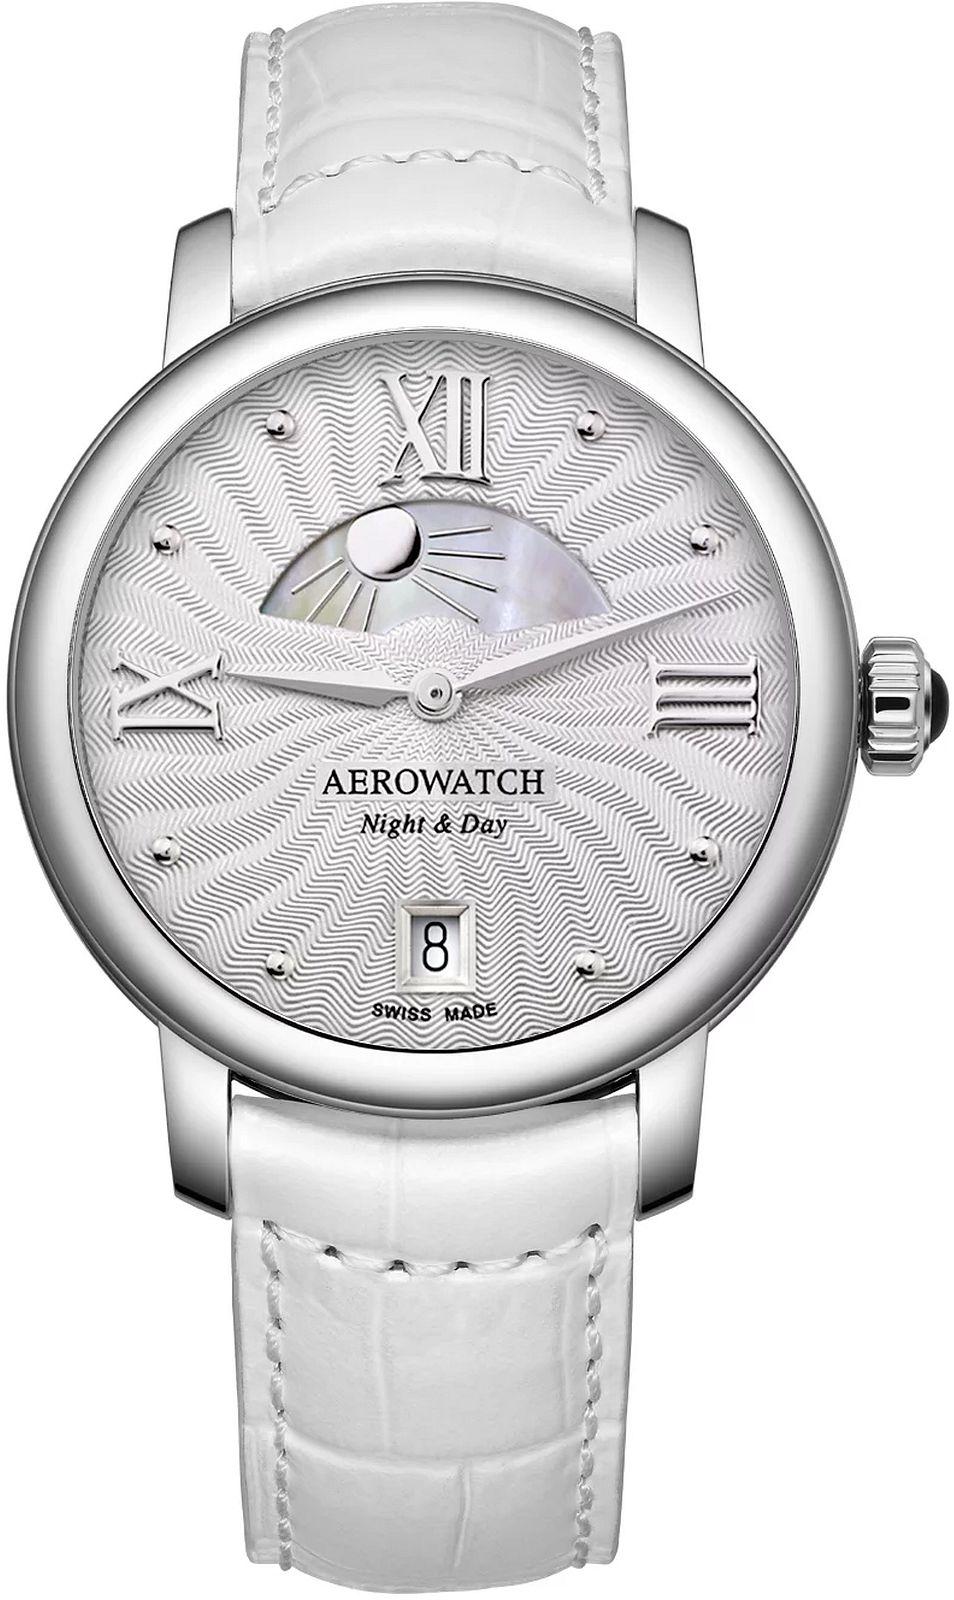 Aerowatch 44938-AA14 > Wysyłka tego samego dnia Grawer 0zł Darmowa dostawa Kurierem/Inpost Darmowy zwrot przez 100 DNI